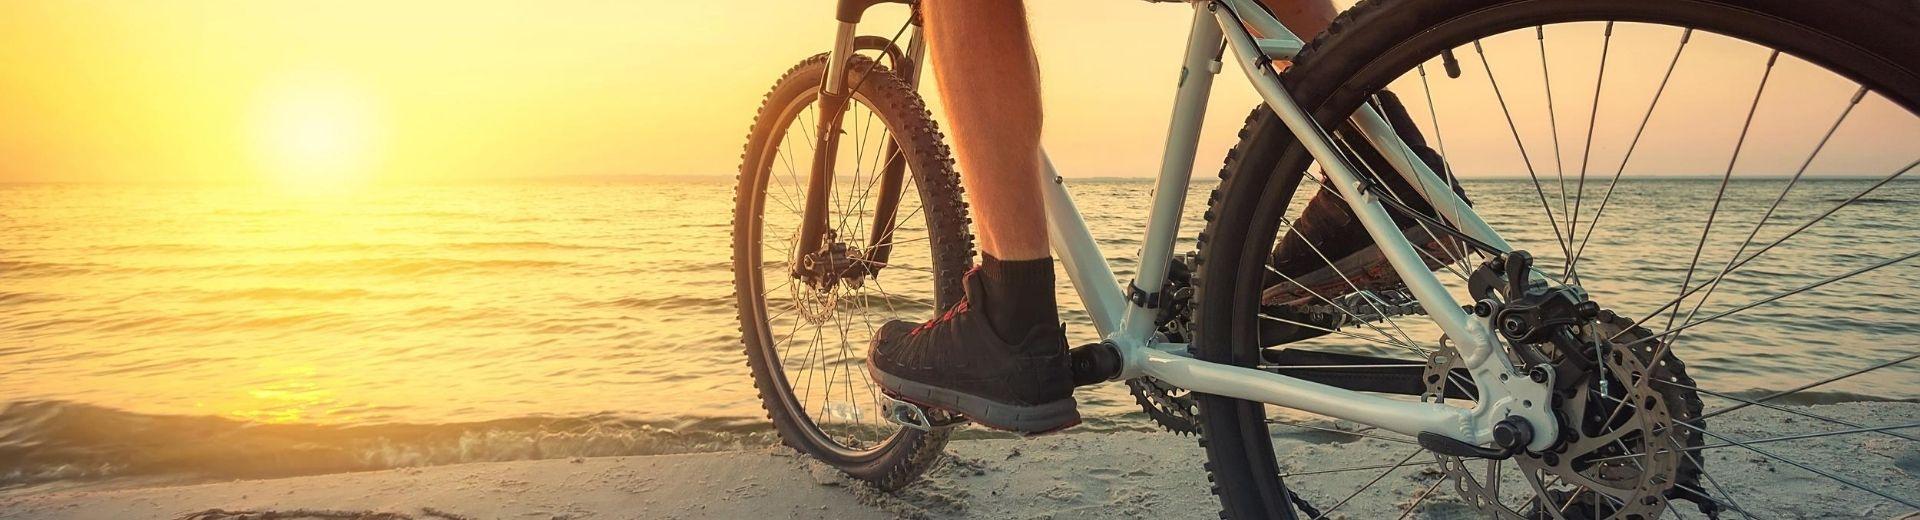 cicloturismo-raffaello-navigazione